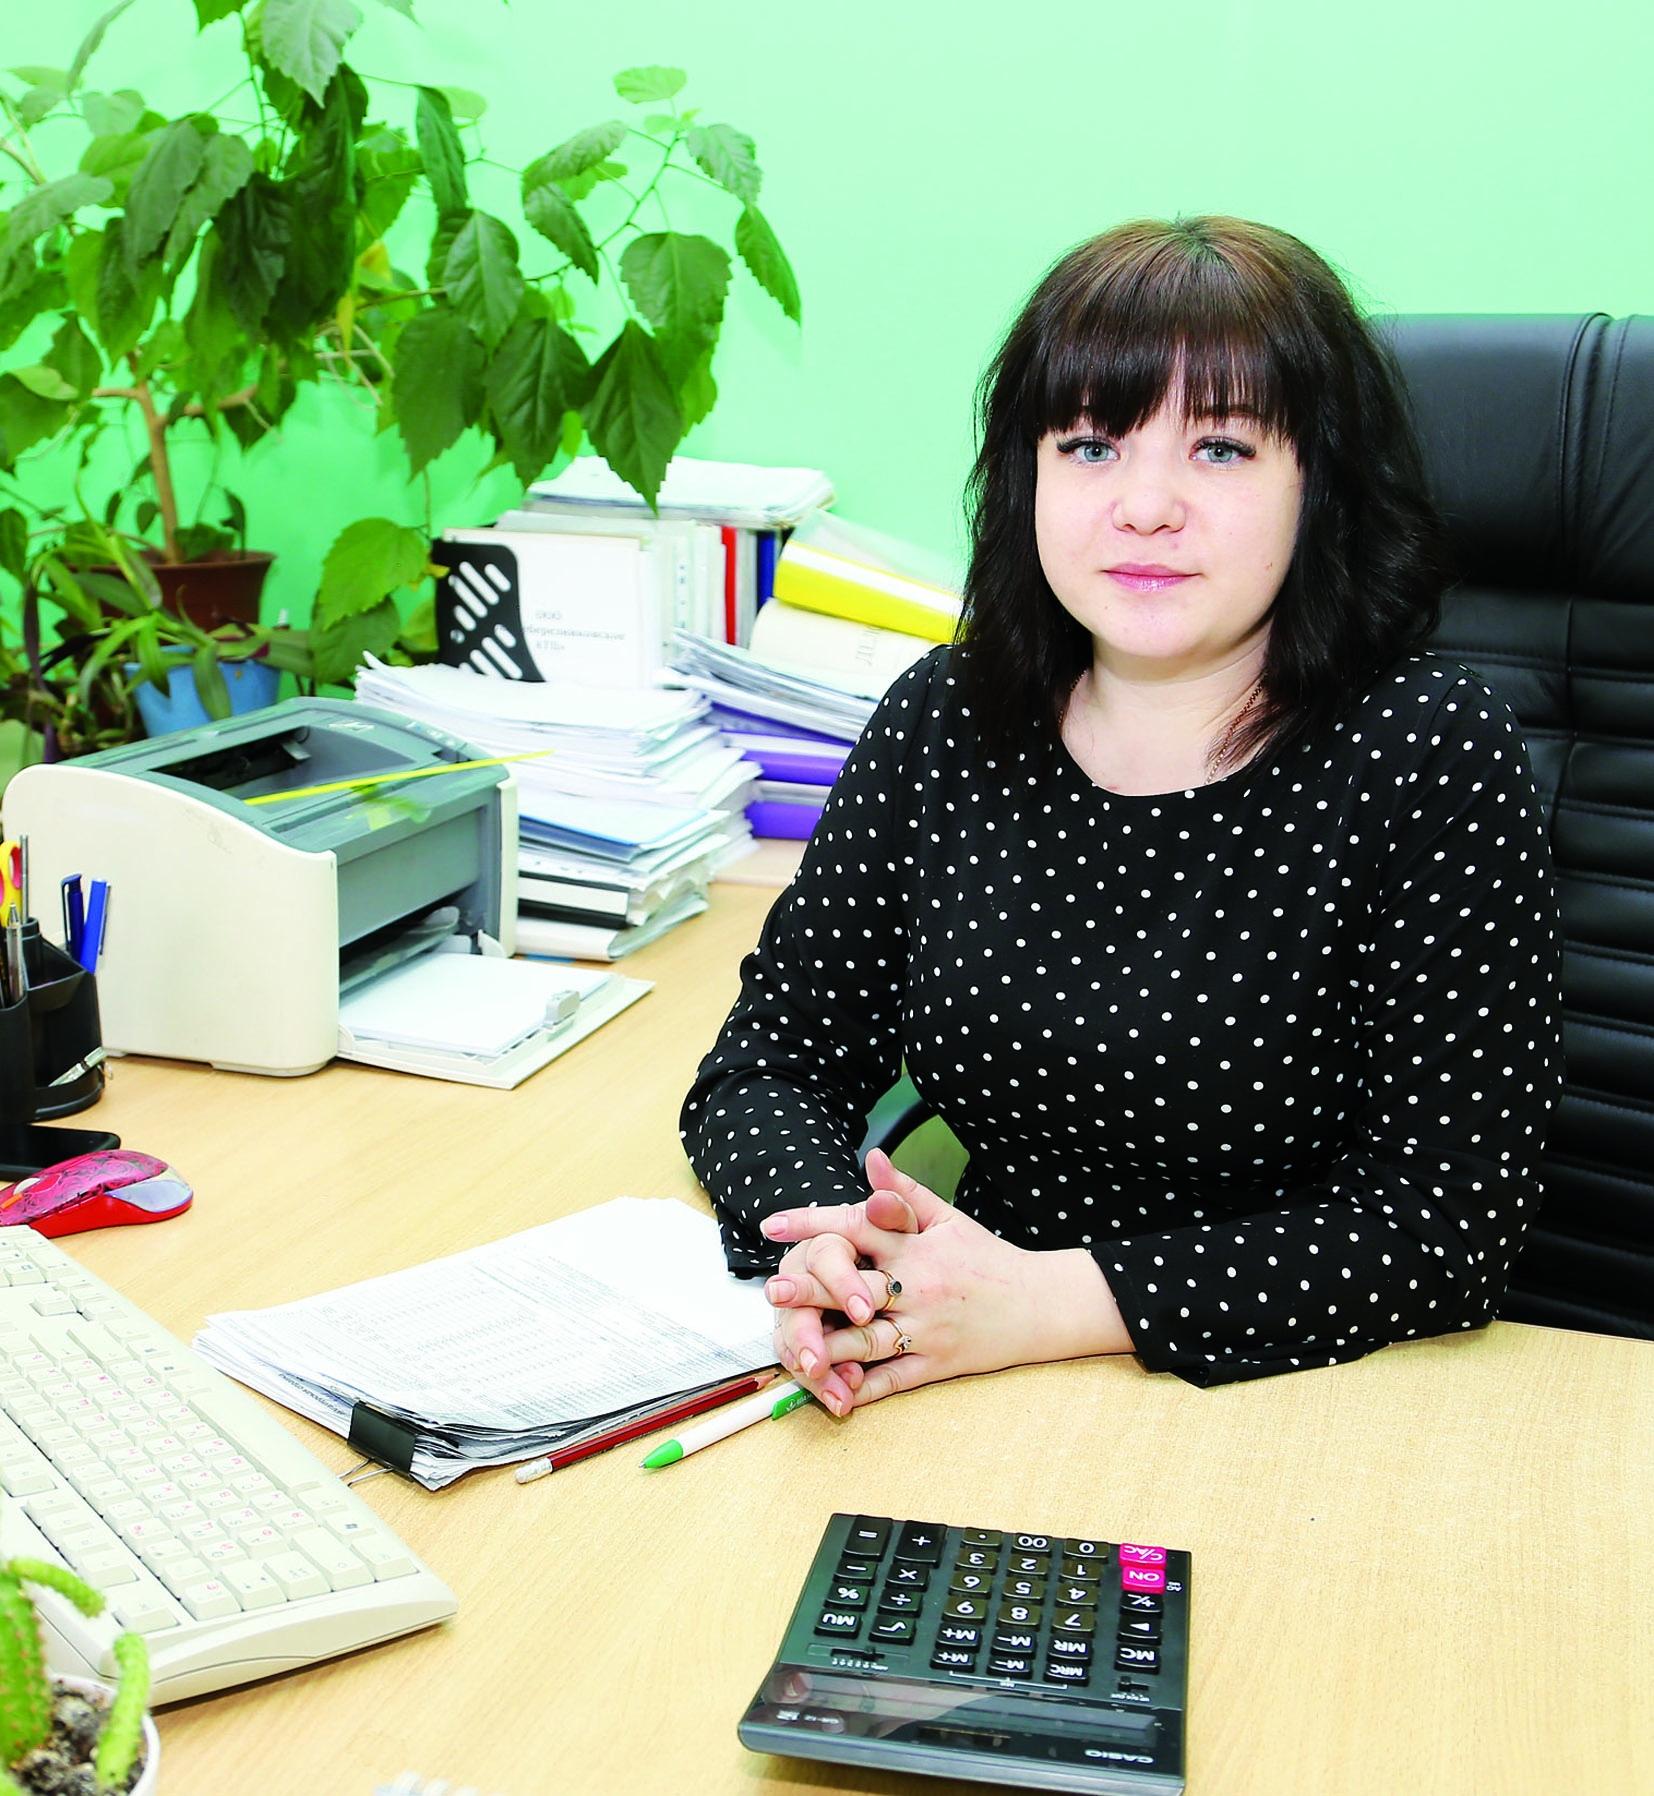 Качественная и экологически чистая продукция от СППК «Березниковский»